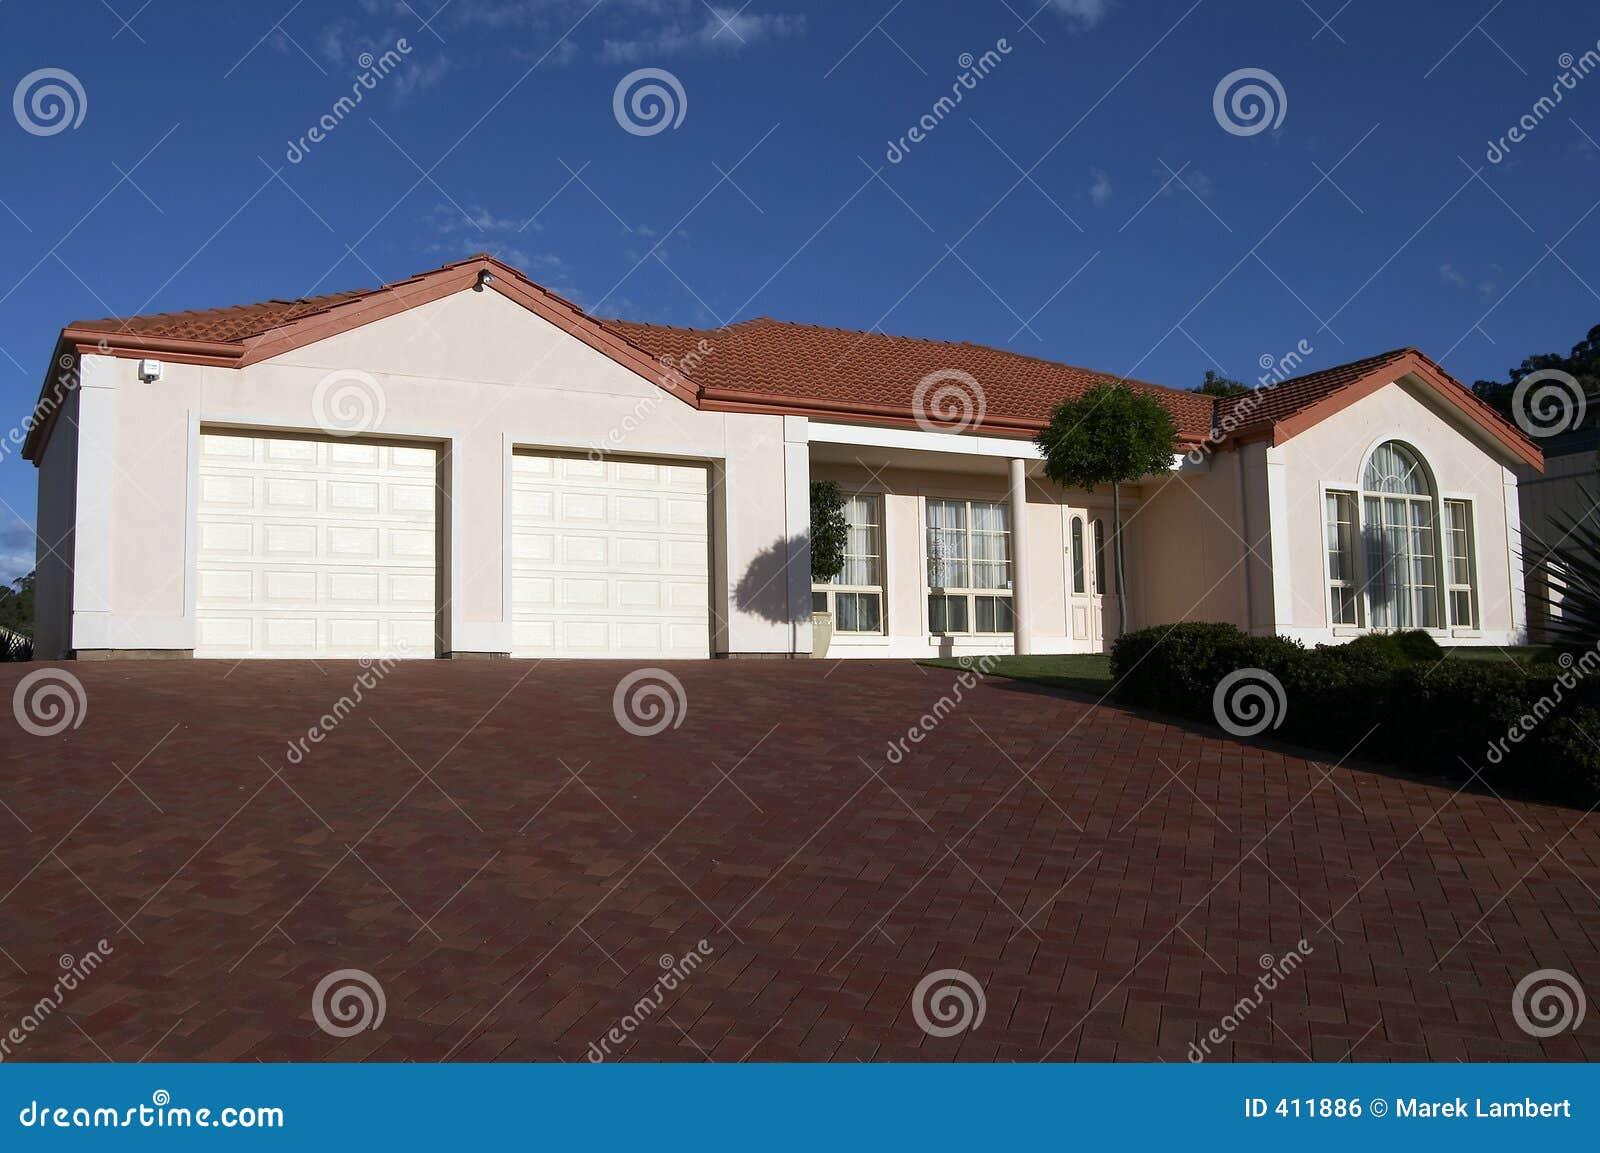 Cuidadosamente actual casa de una sola planta imagen de - Casas de una sola planta ...